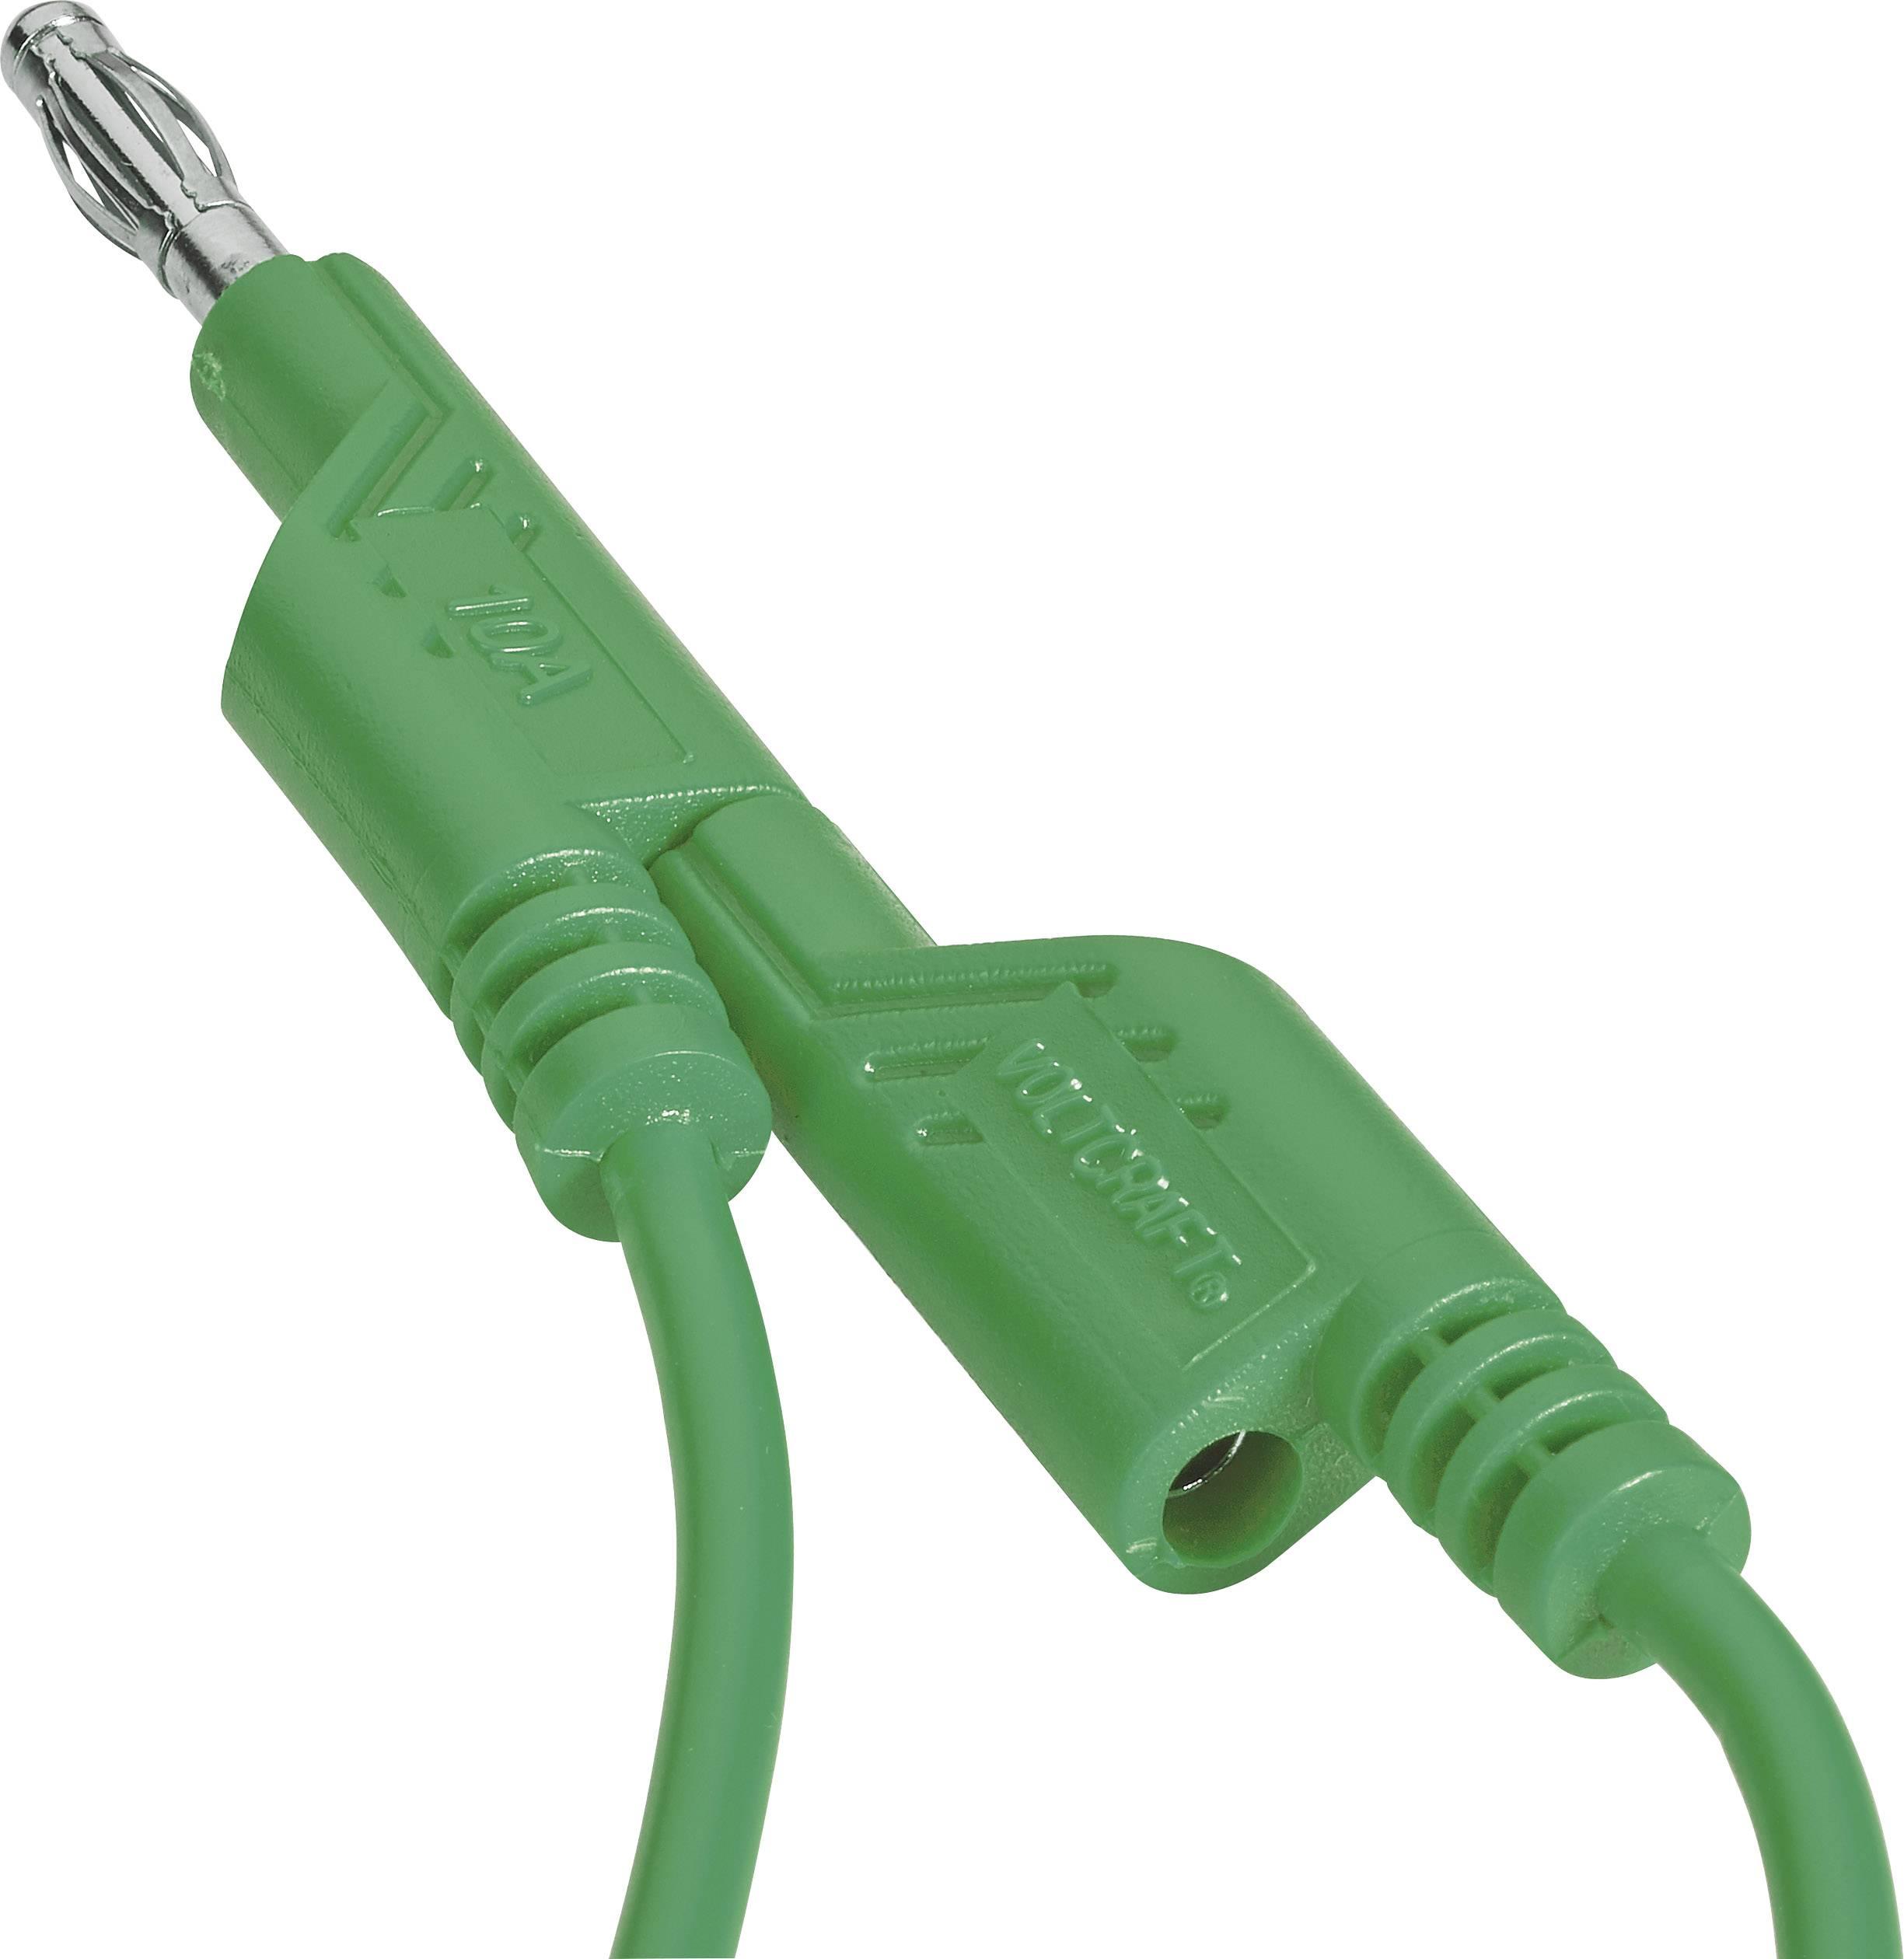 Sada měřicích kabelů banánek 4 mm ⇔ banánek 4 mm Voltcraft, 1 m, zelená